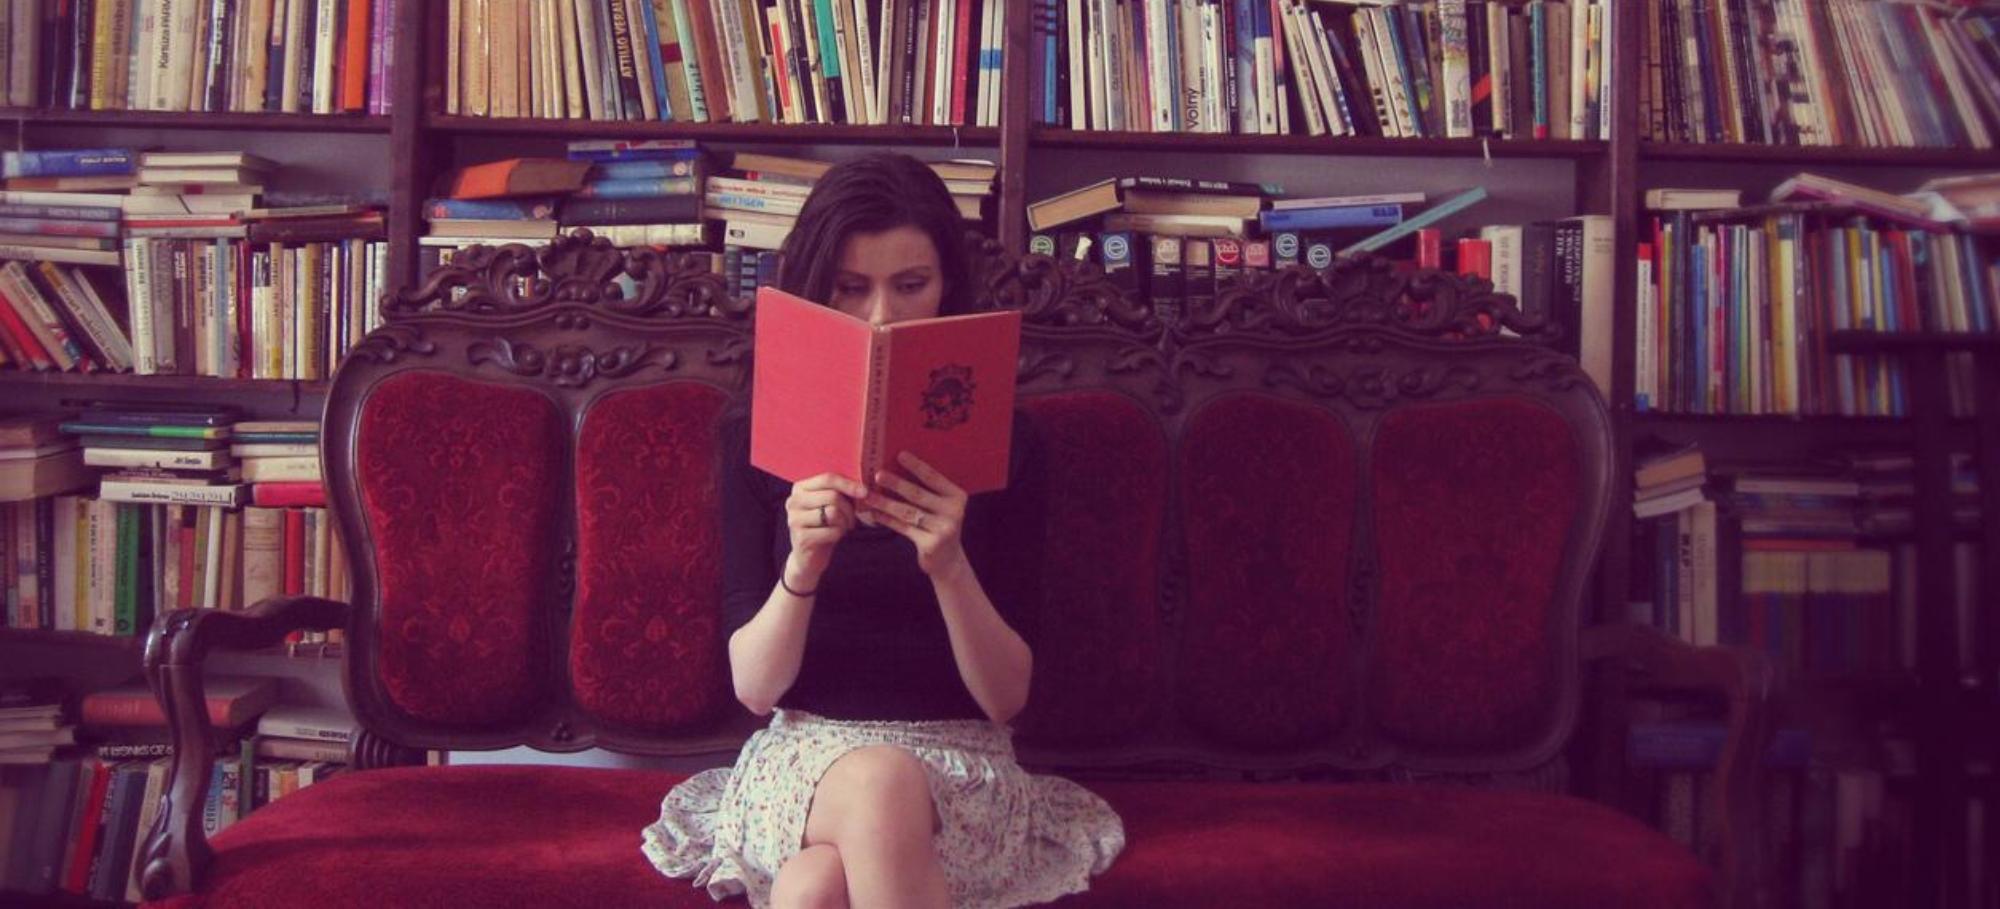 10-libros-que-debes-leer-antes-de-los-30-00x